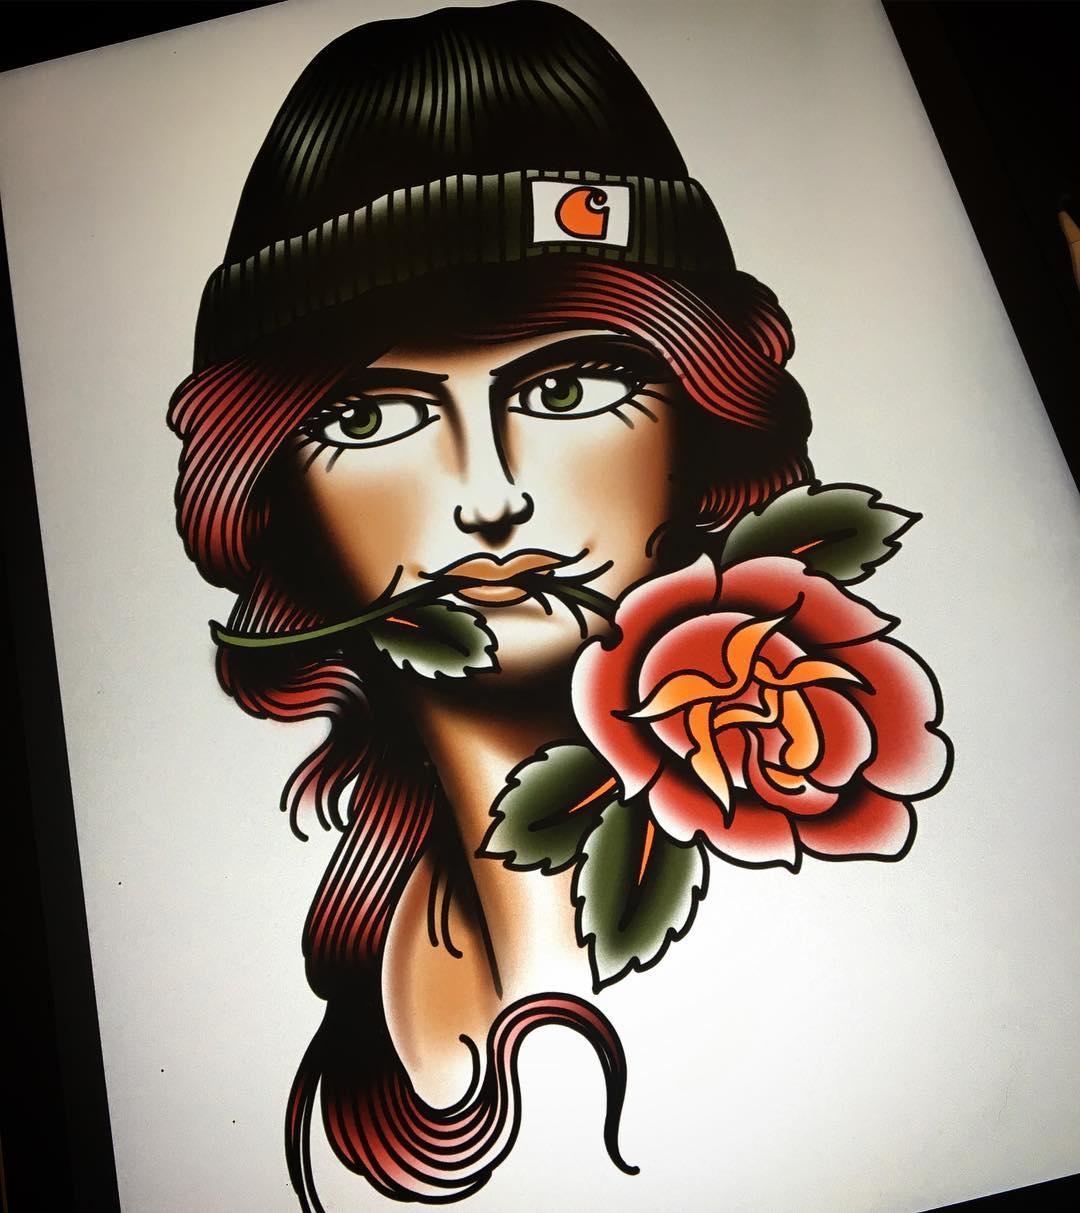 滑漫画oldschool先生玫瑰美女图案我的千金小姐纹身图片